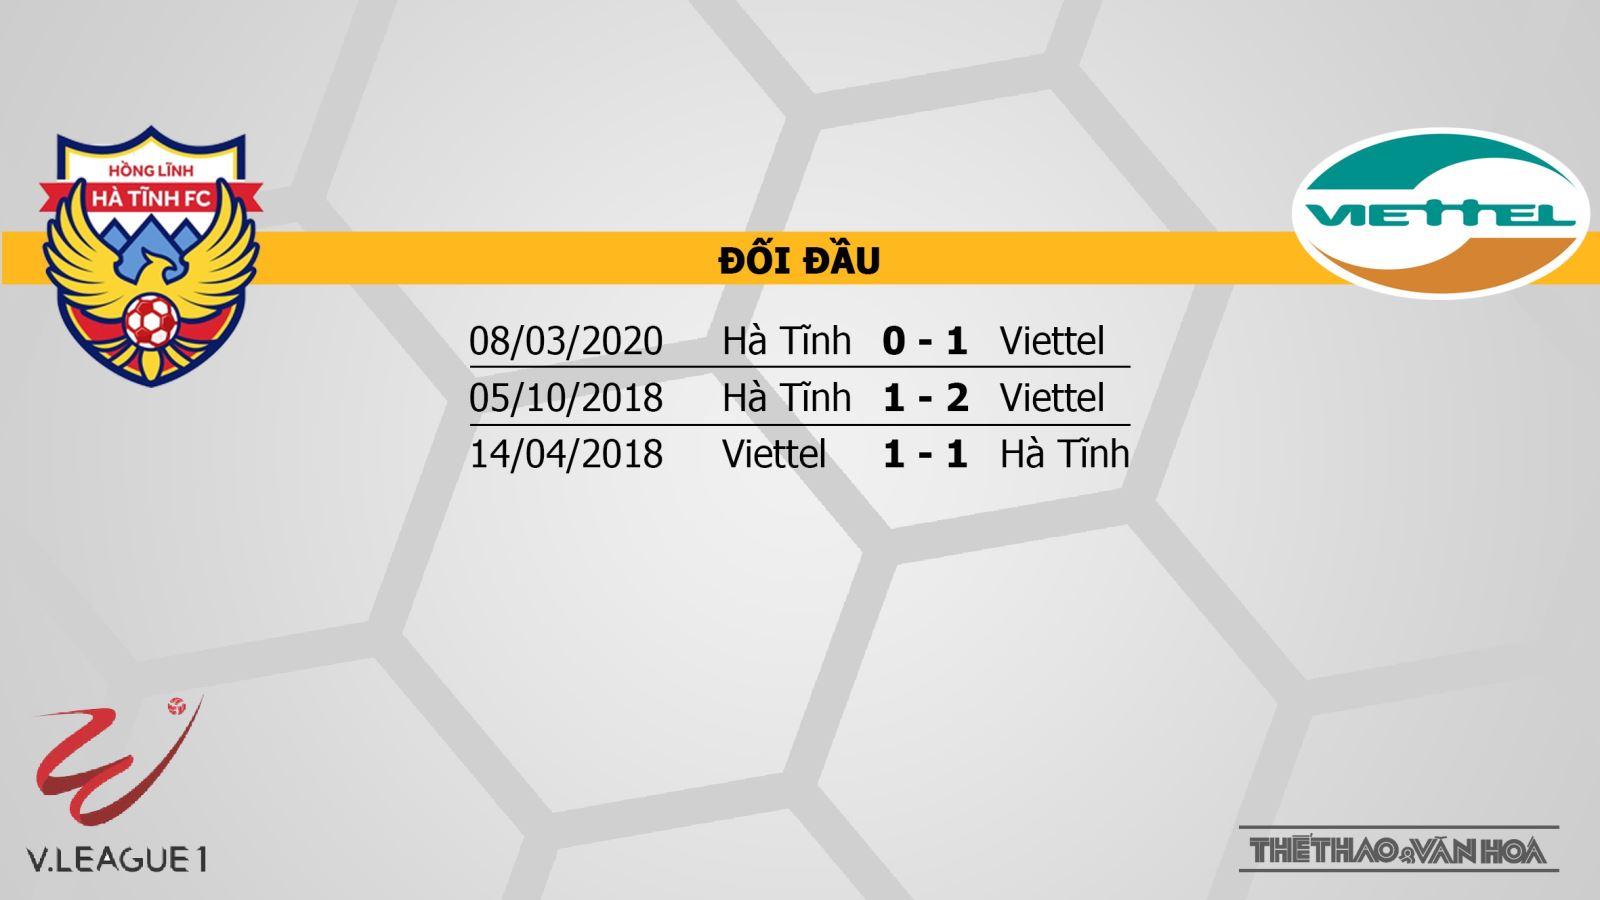 Trực tiếp Hà Tĩnh vs Viettel, Truc tieo bong da, Trực tiếp V-League giai đoạn 2, Trực tiếp Hà Tĩnh đấu với Viettel, Trực tiếp TTTV, Xem bóng đá trực tuyến V-League 2020